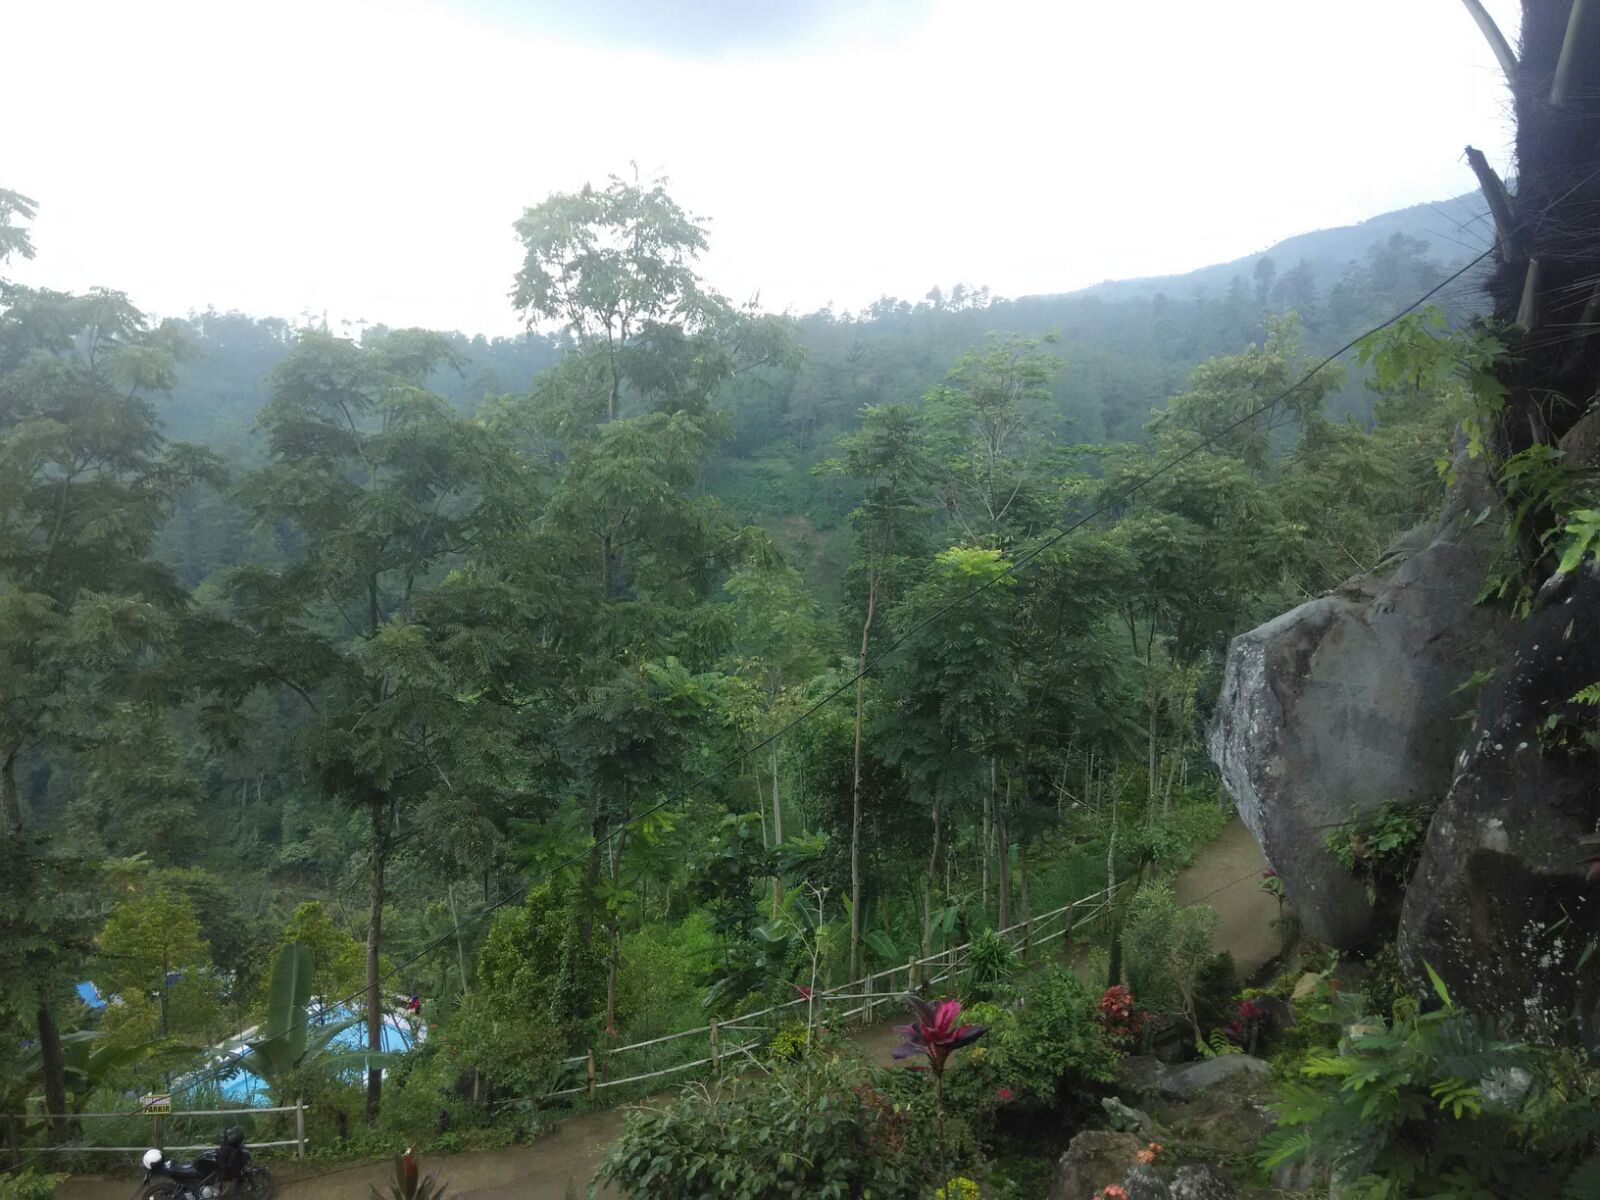 Wiyak Bumi Langit Wisata Alam Watu Jonggol Lokasi Berada Desa